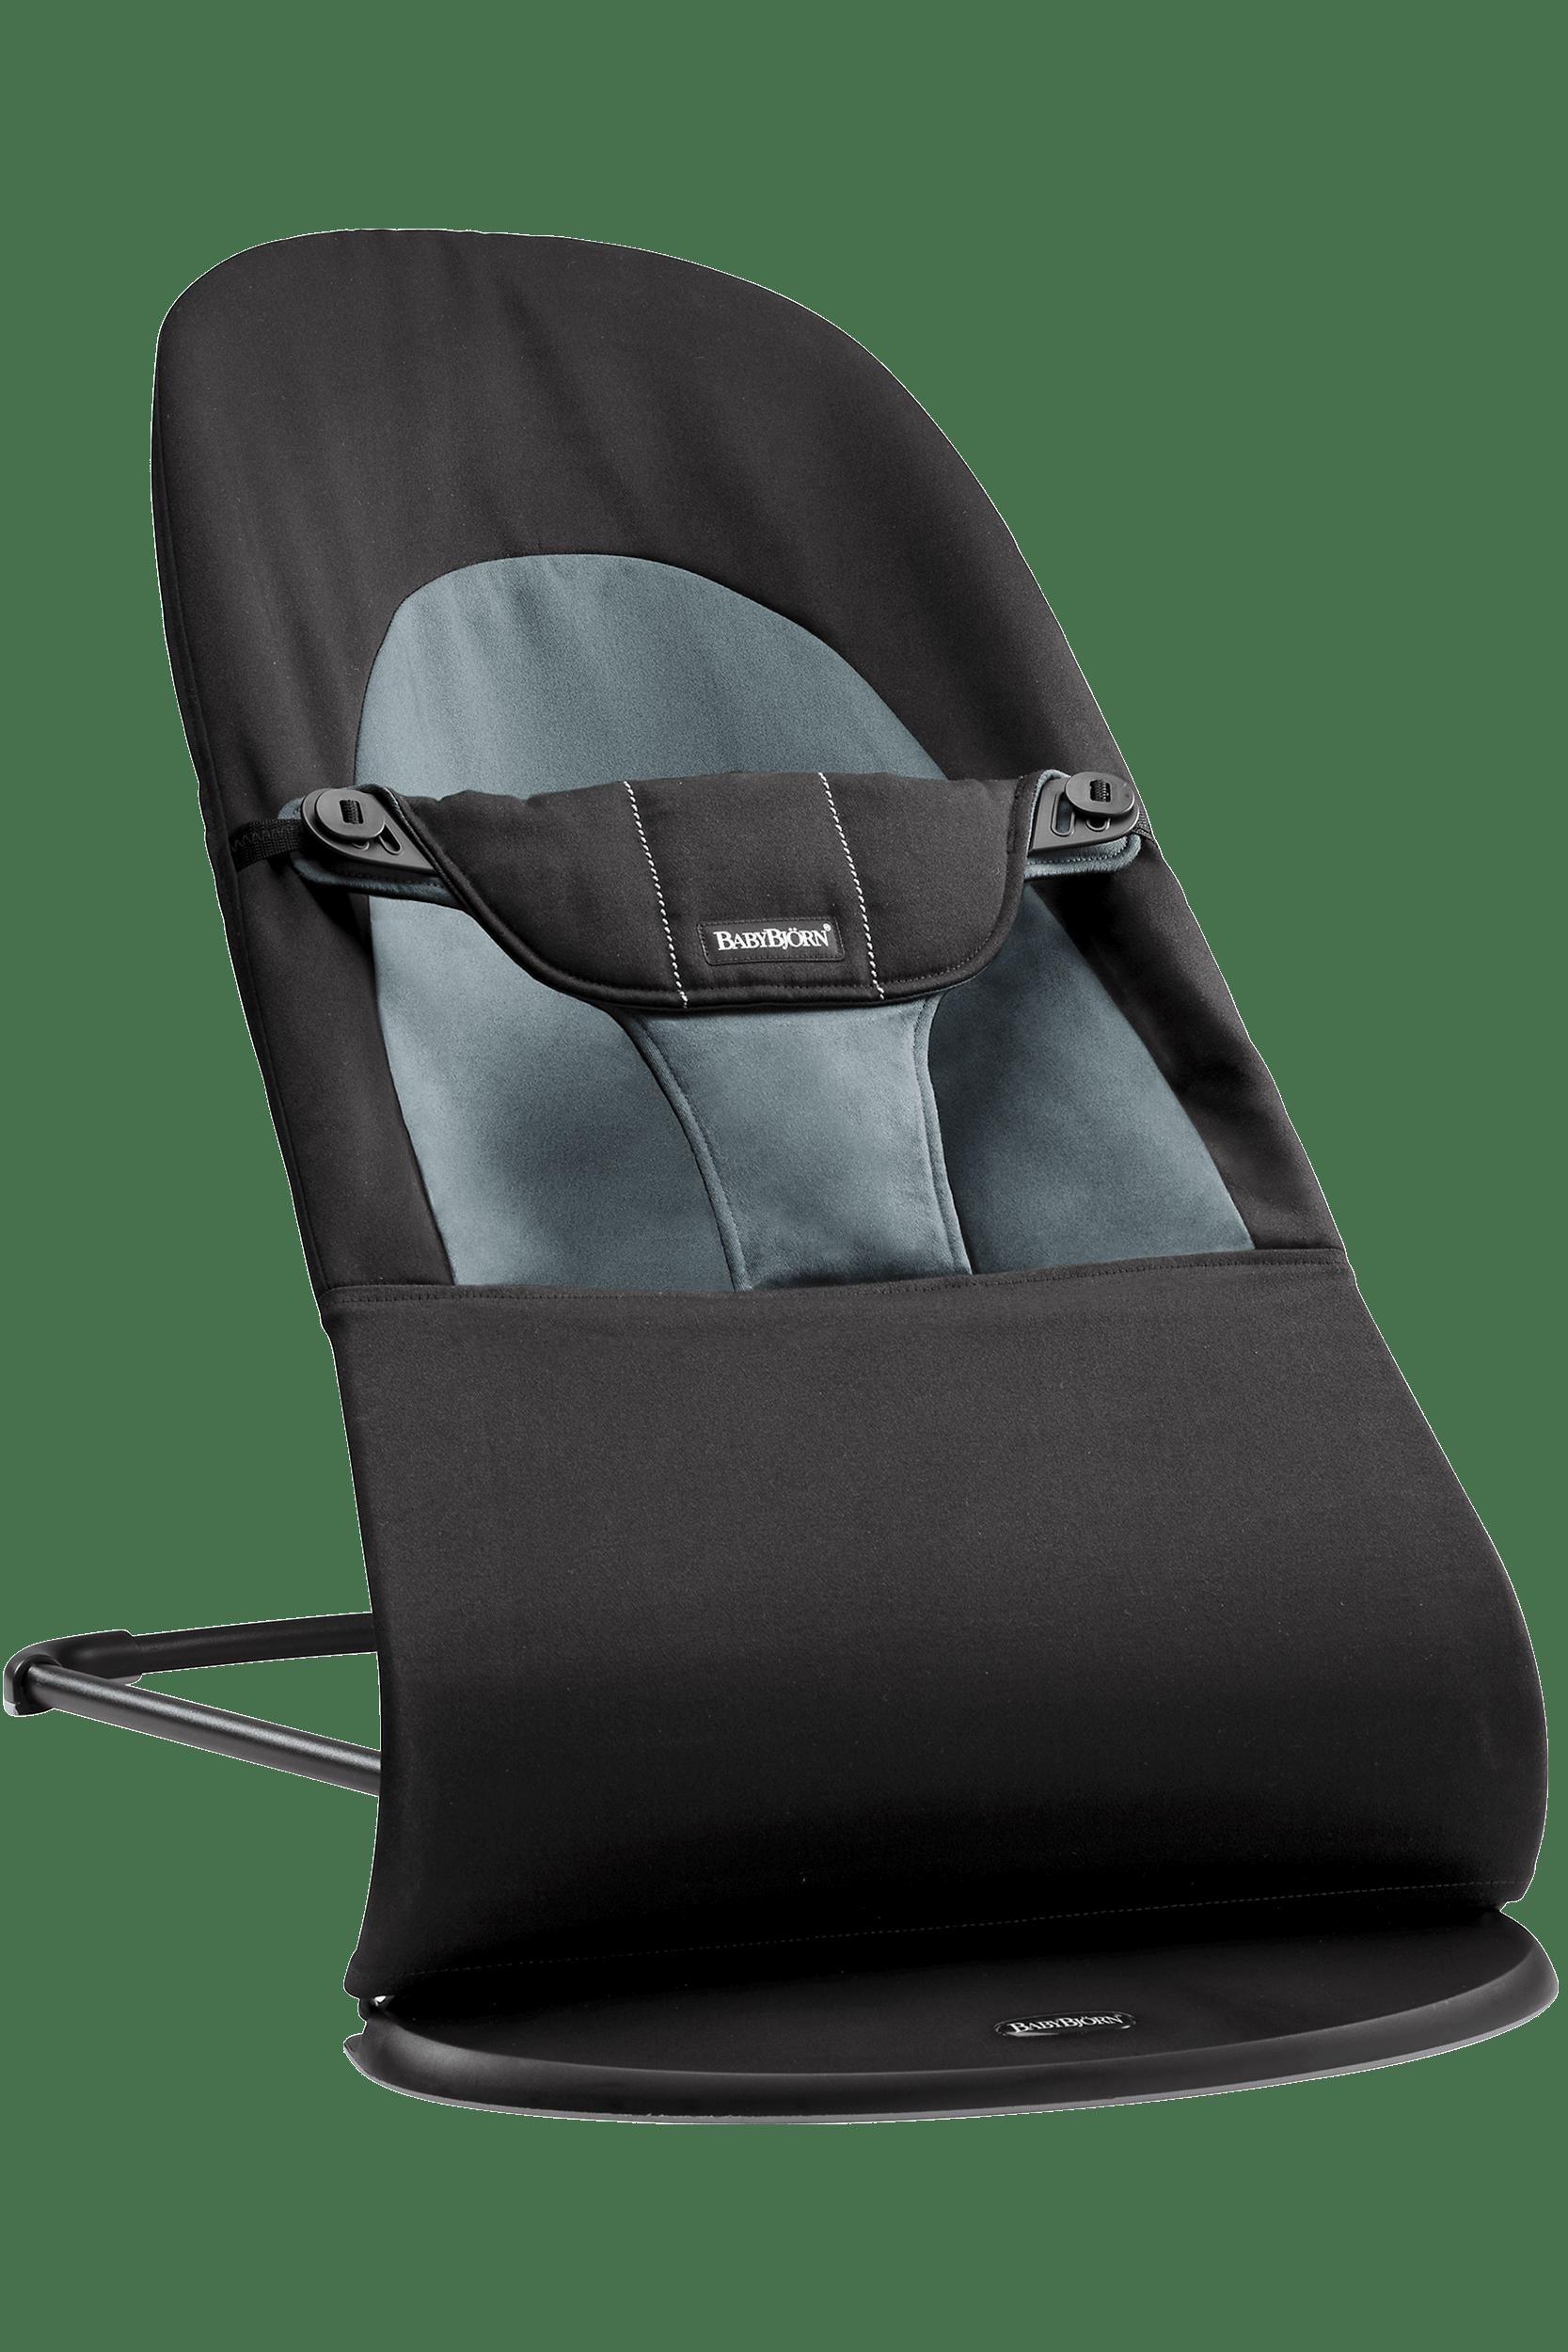 babybjorn-hamaca-balance-soft-negro-gris-oscuro